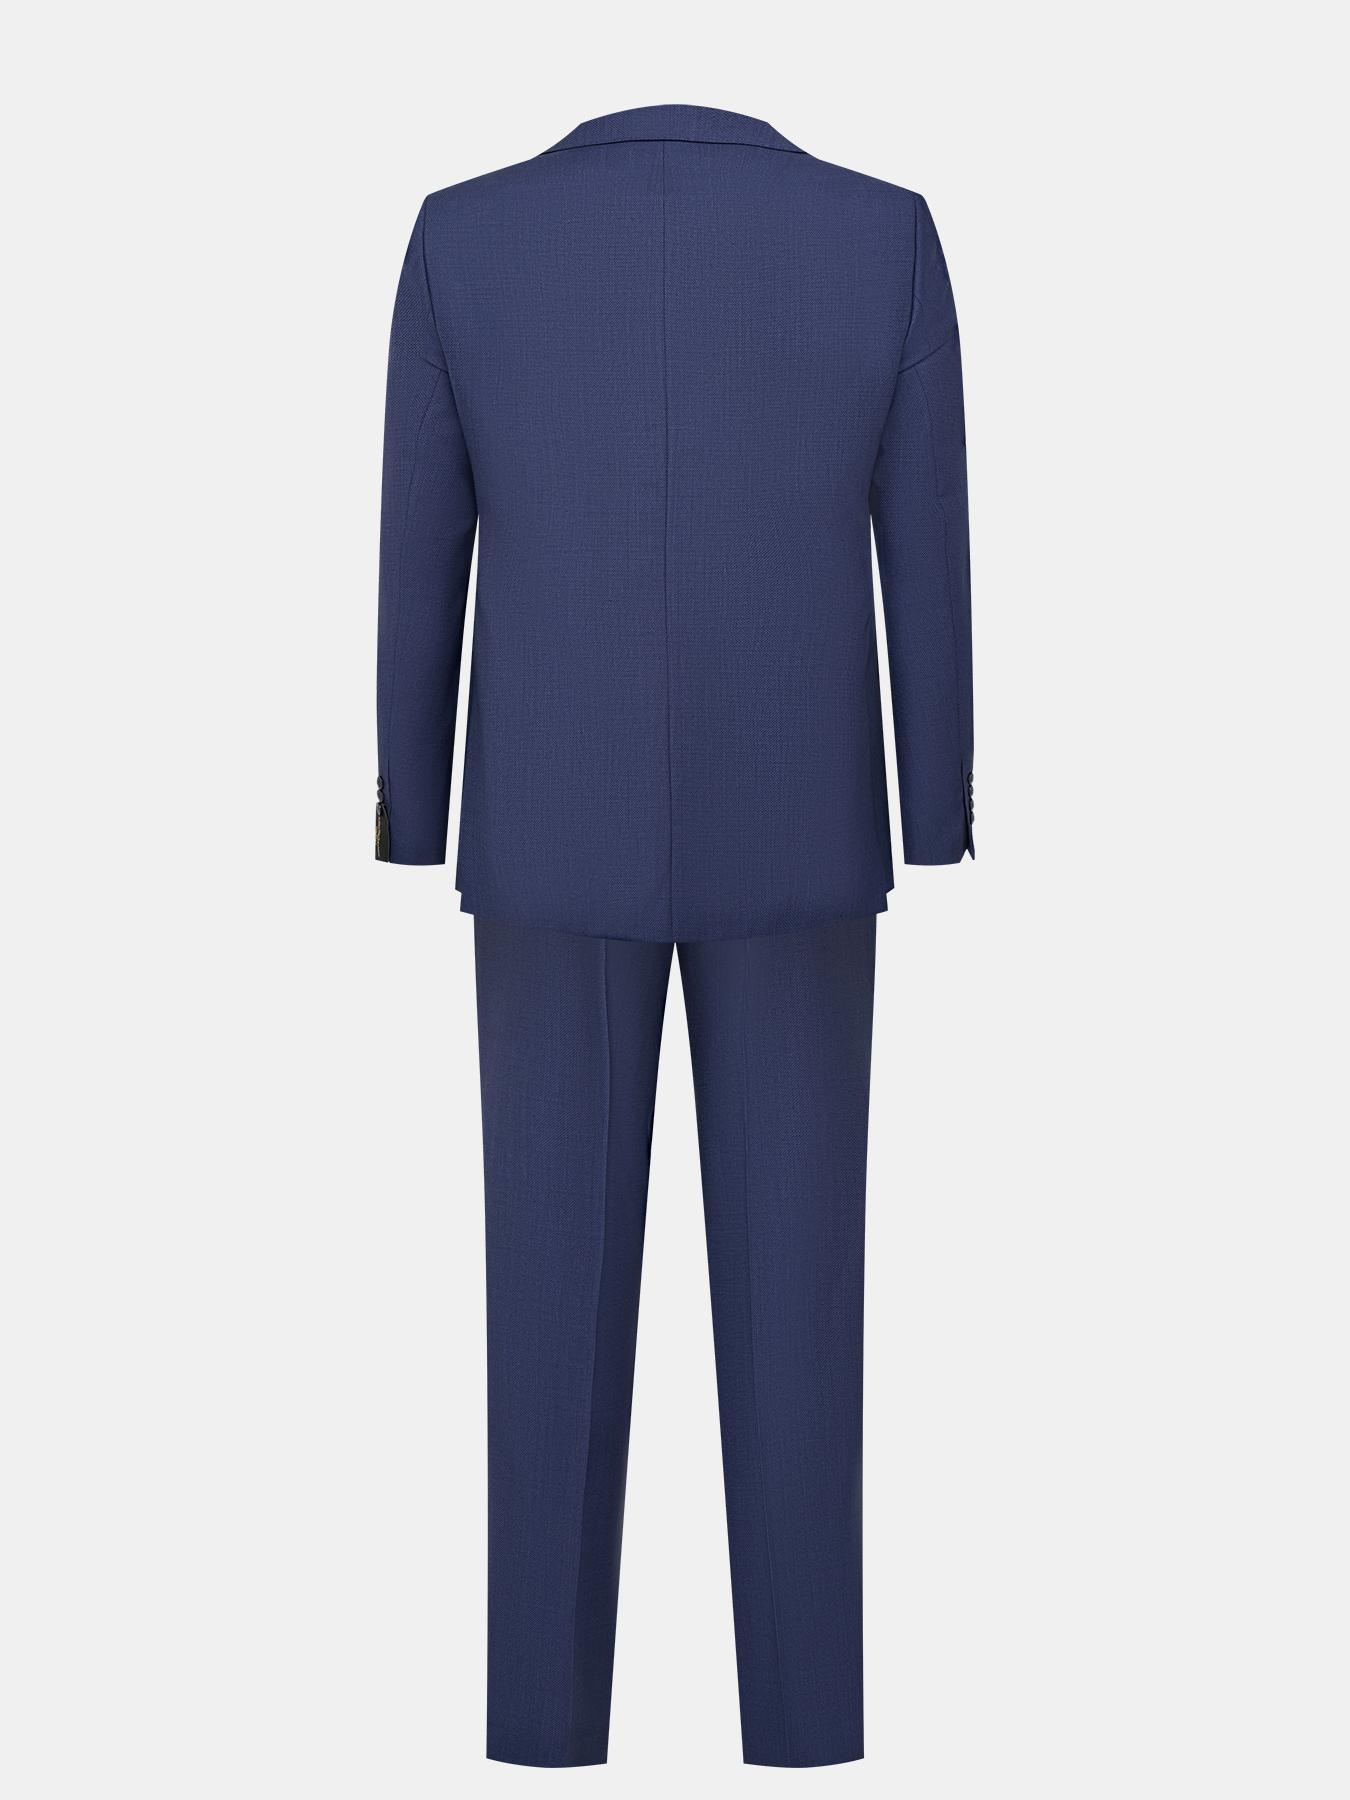 костюм alessandro manzoni классический костюм Костюм Alessandro Manzoni Классический костюм